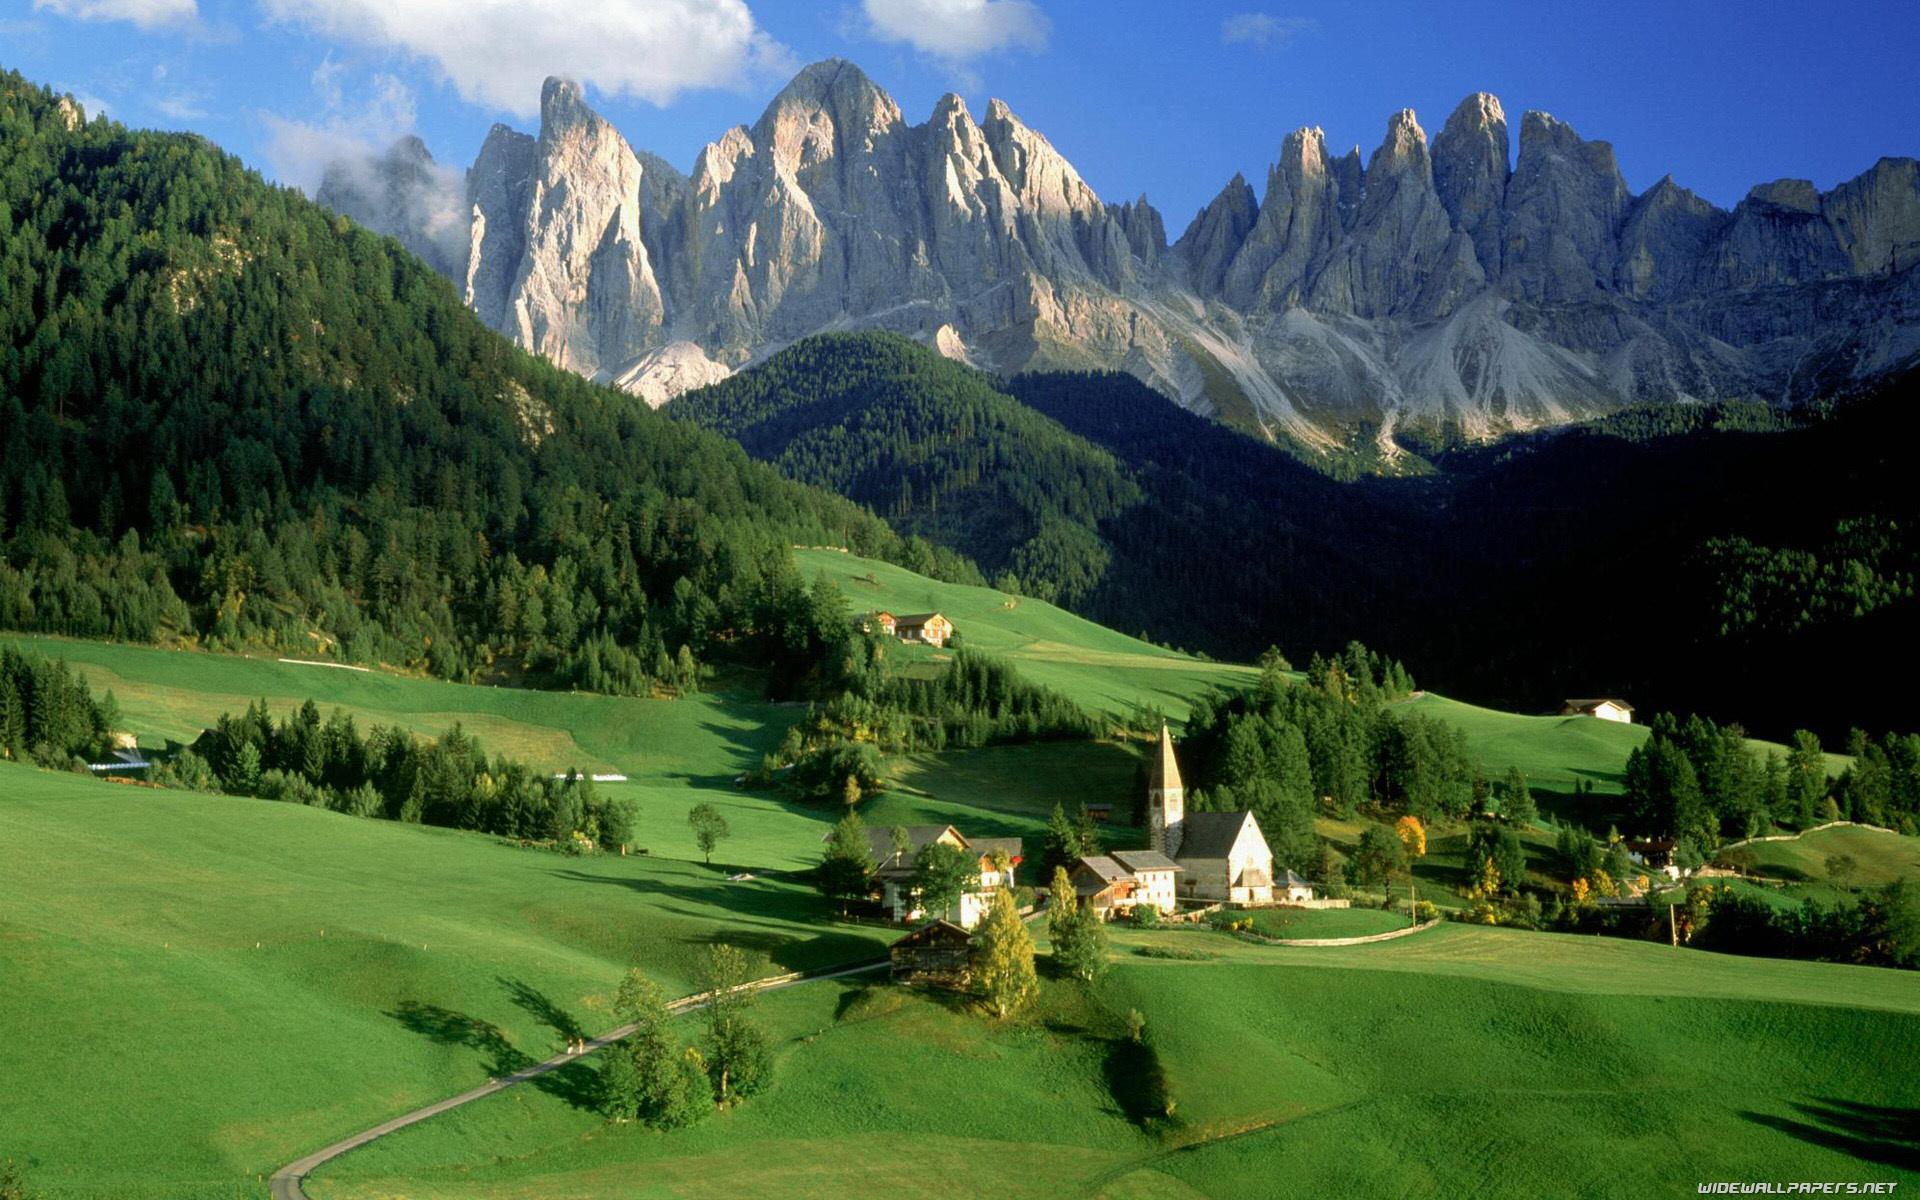 Sfondo hd paesaggio di montagna francese sfondi hd gratis for Immagini paesaggi hd